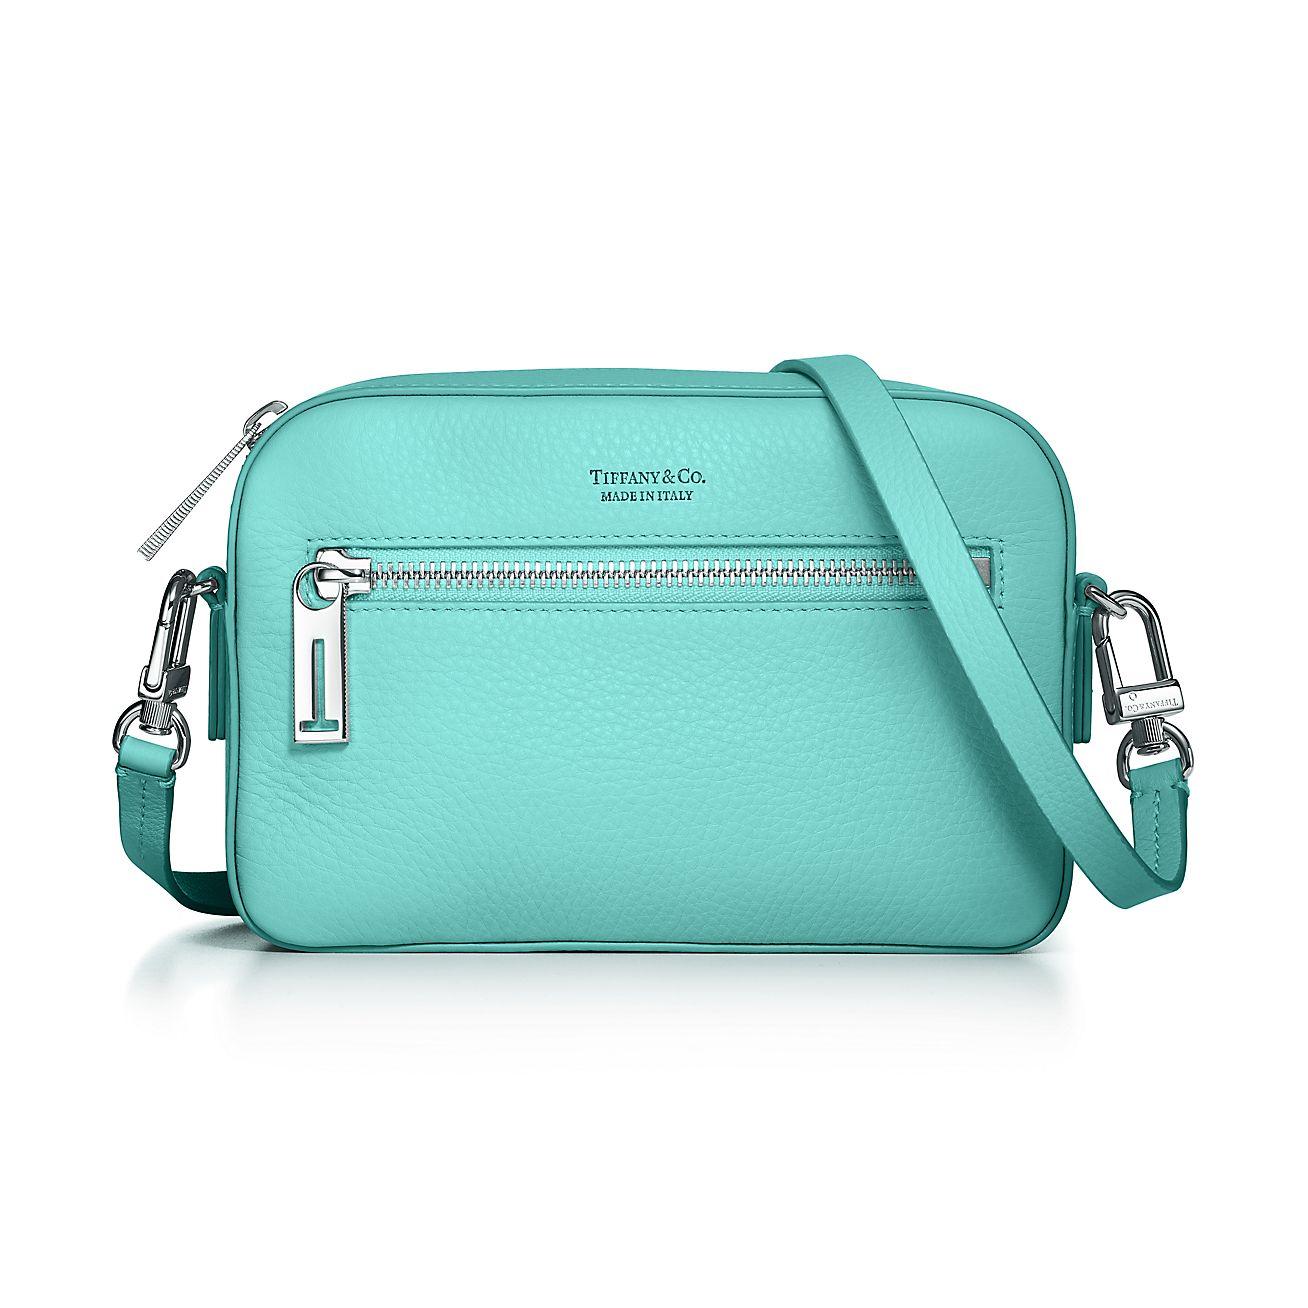 Crossbody Bag In Tiffany Blue Grain